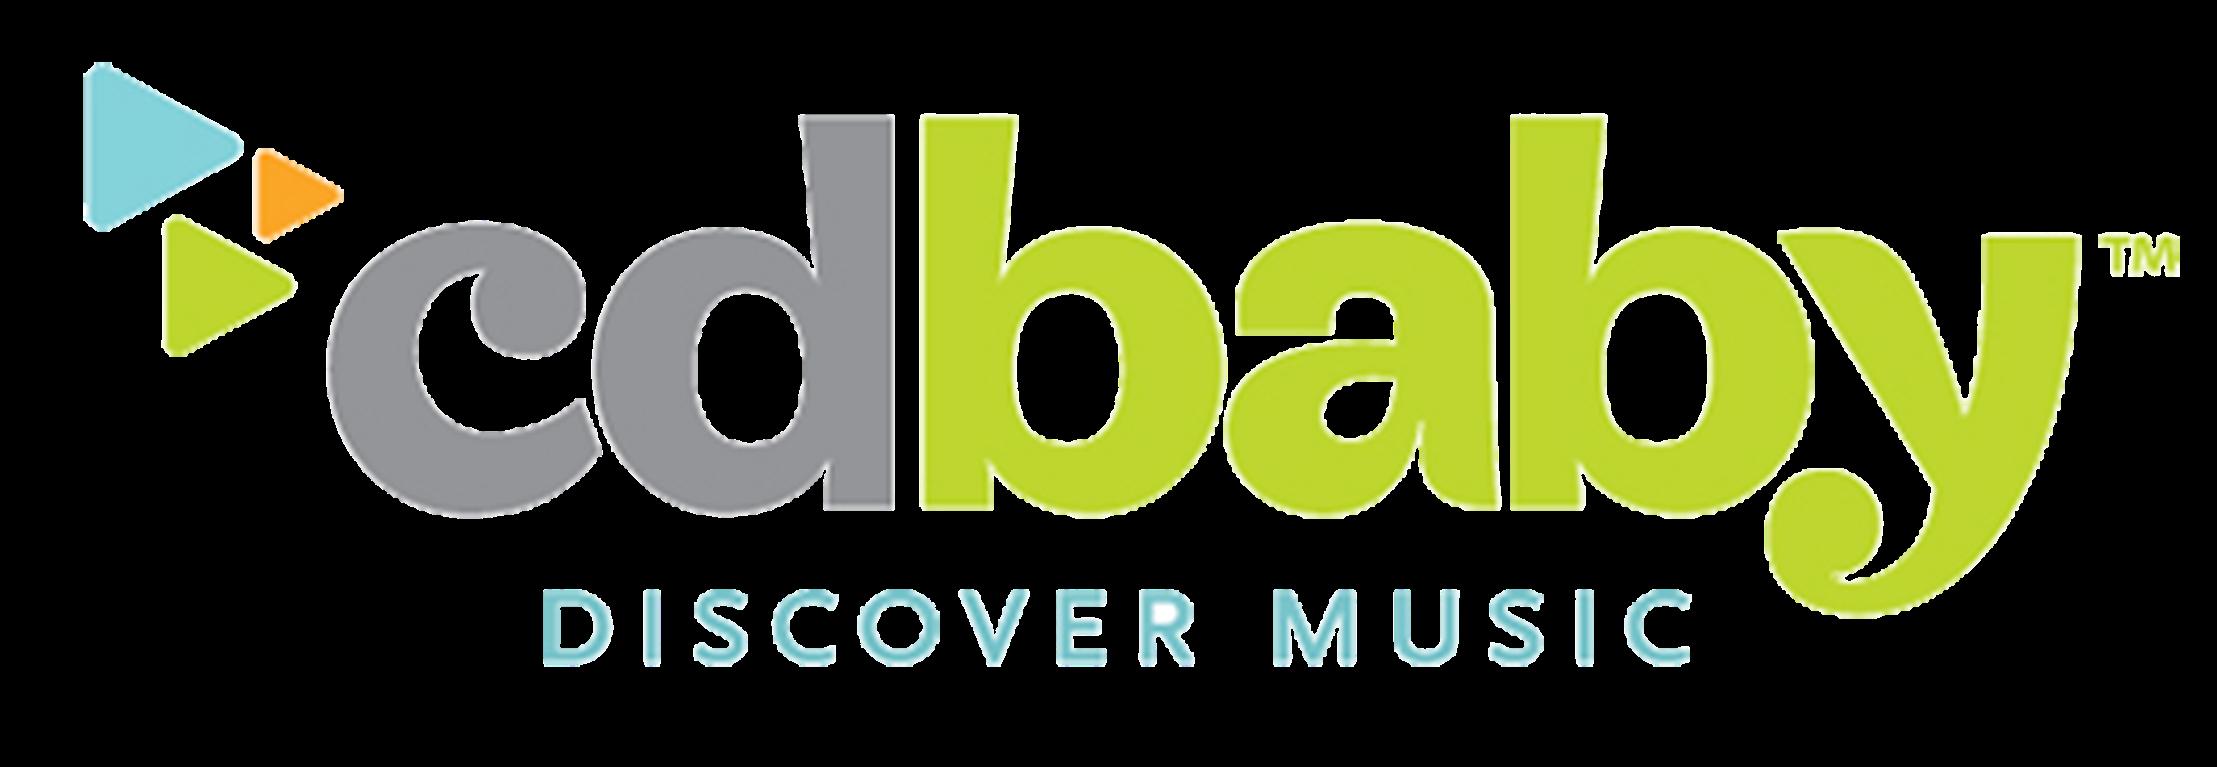 Cd Baby Logo Png (+).